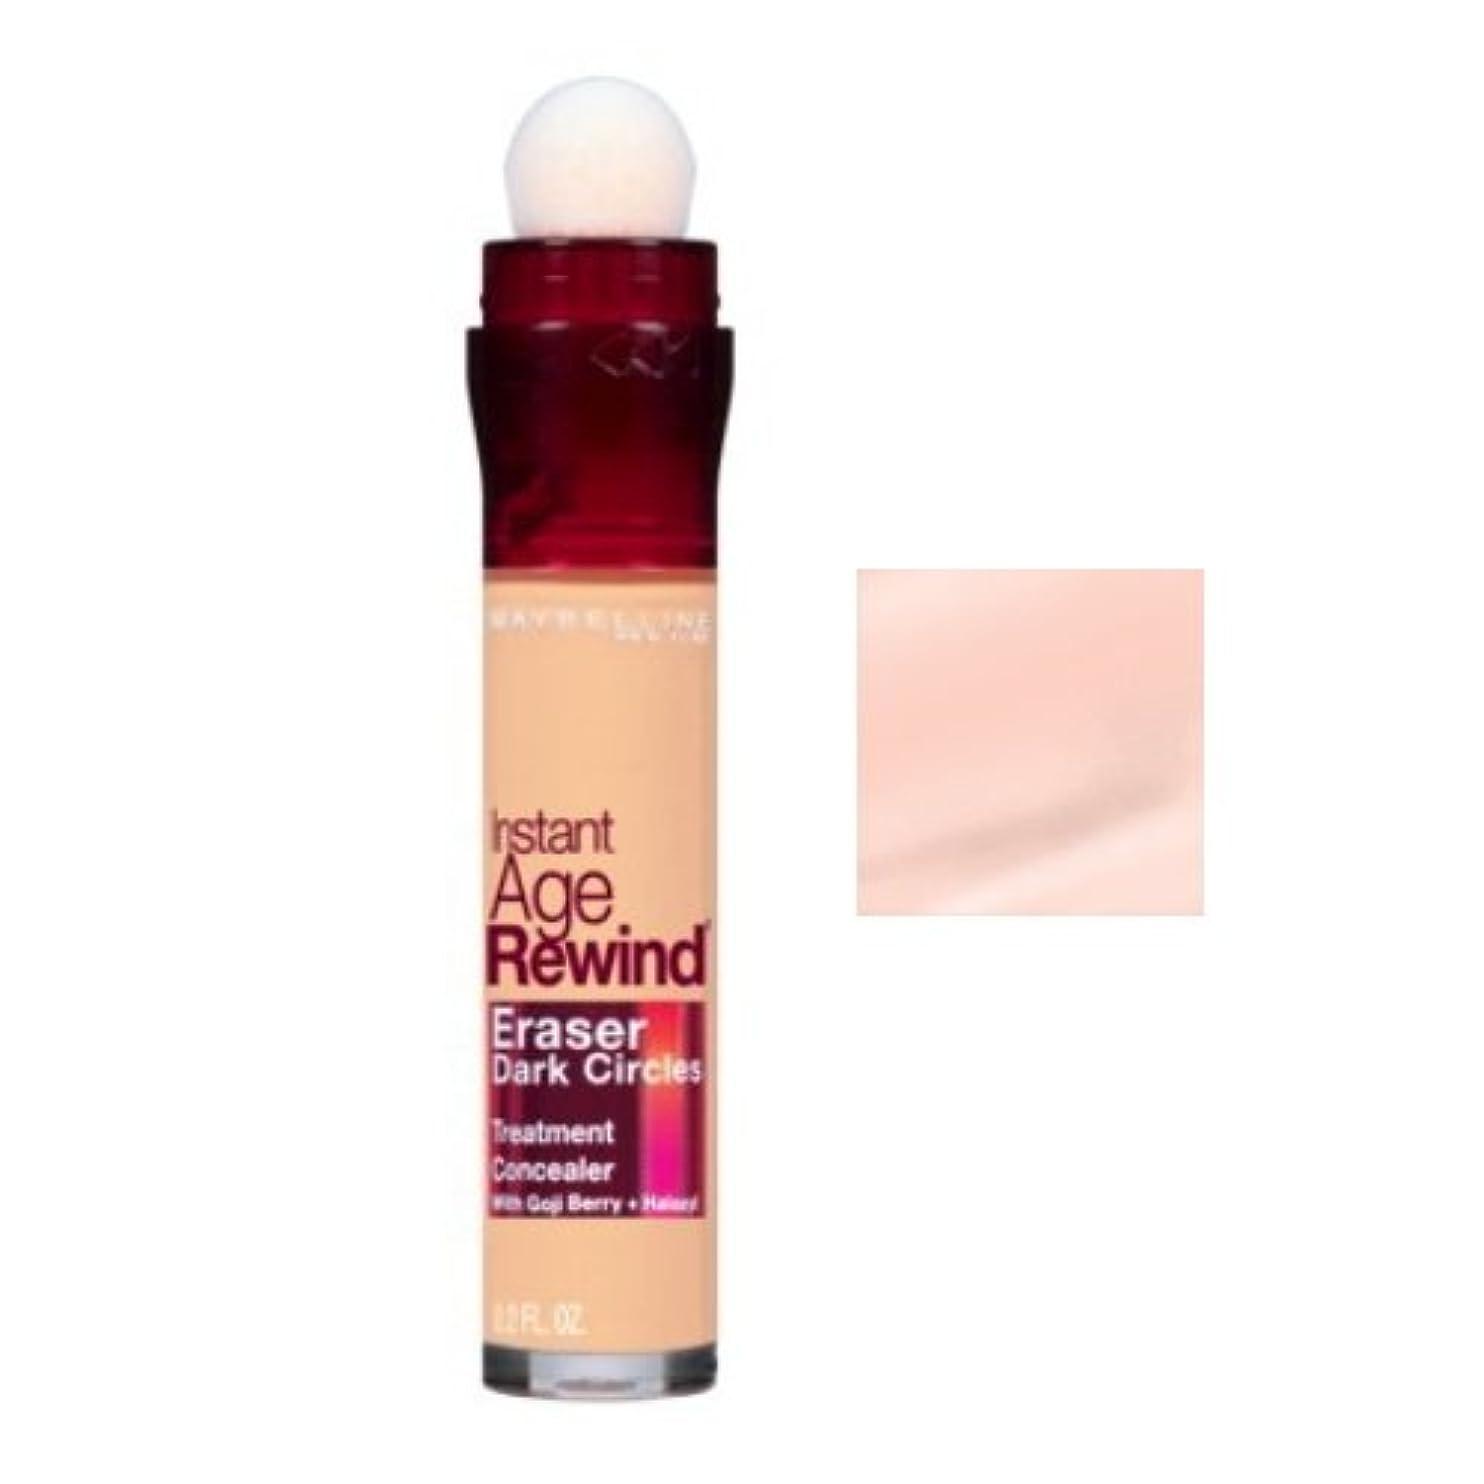 難破船ホラーハッチMAYBELLINE Instant Age Rewind Eraser Dark Circles + Treatment - Brightener (並行輸入品)